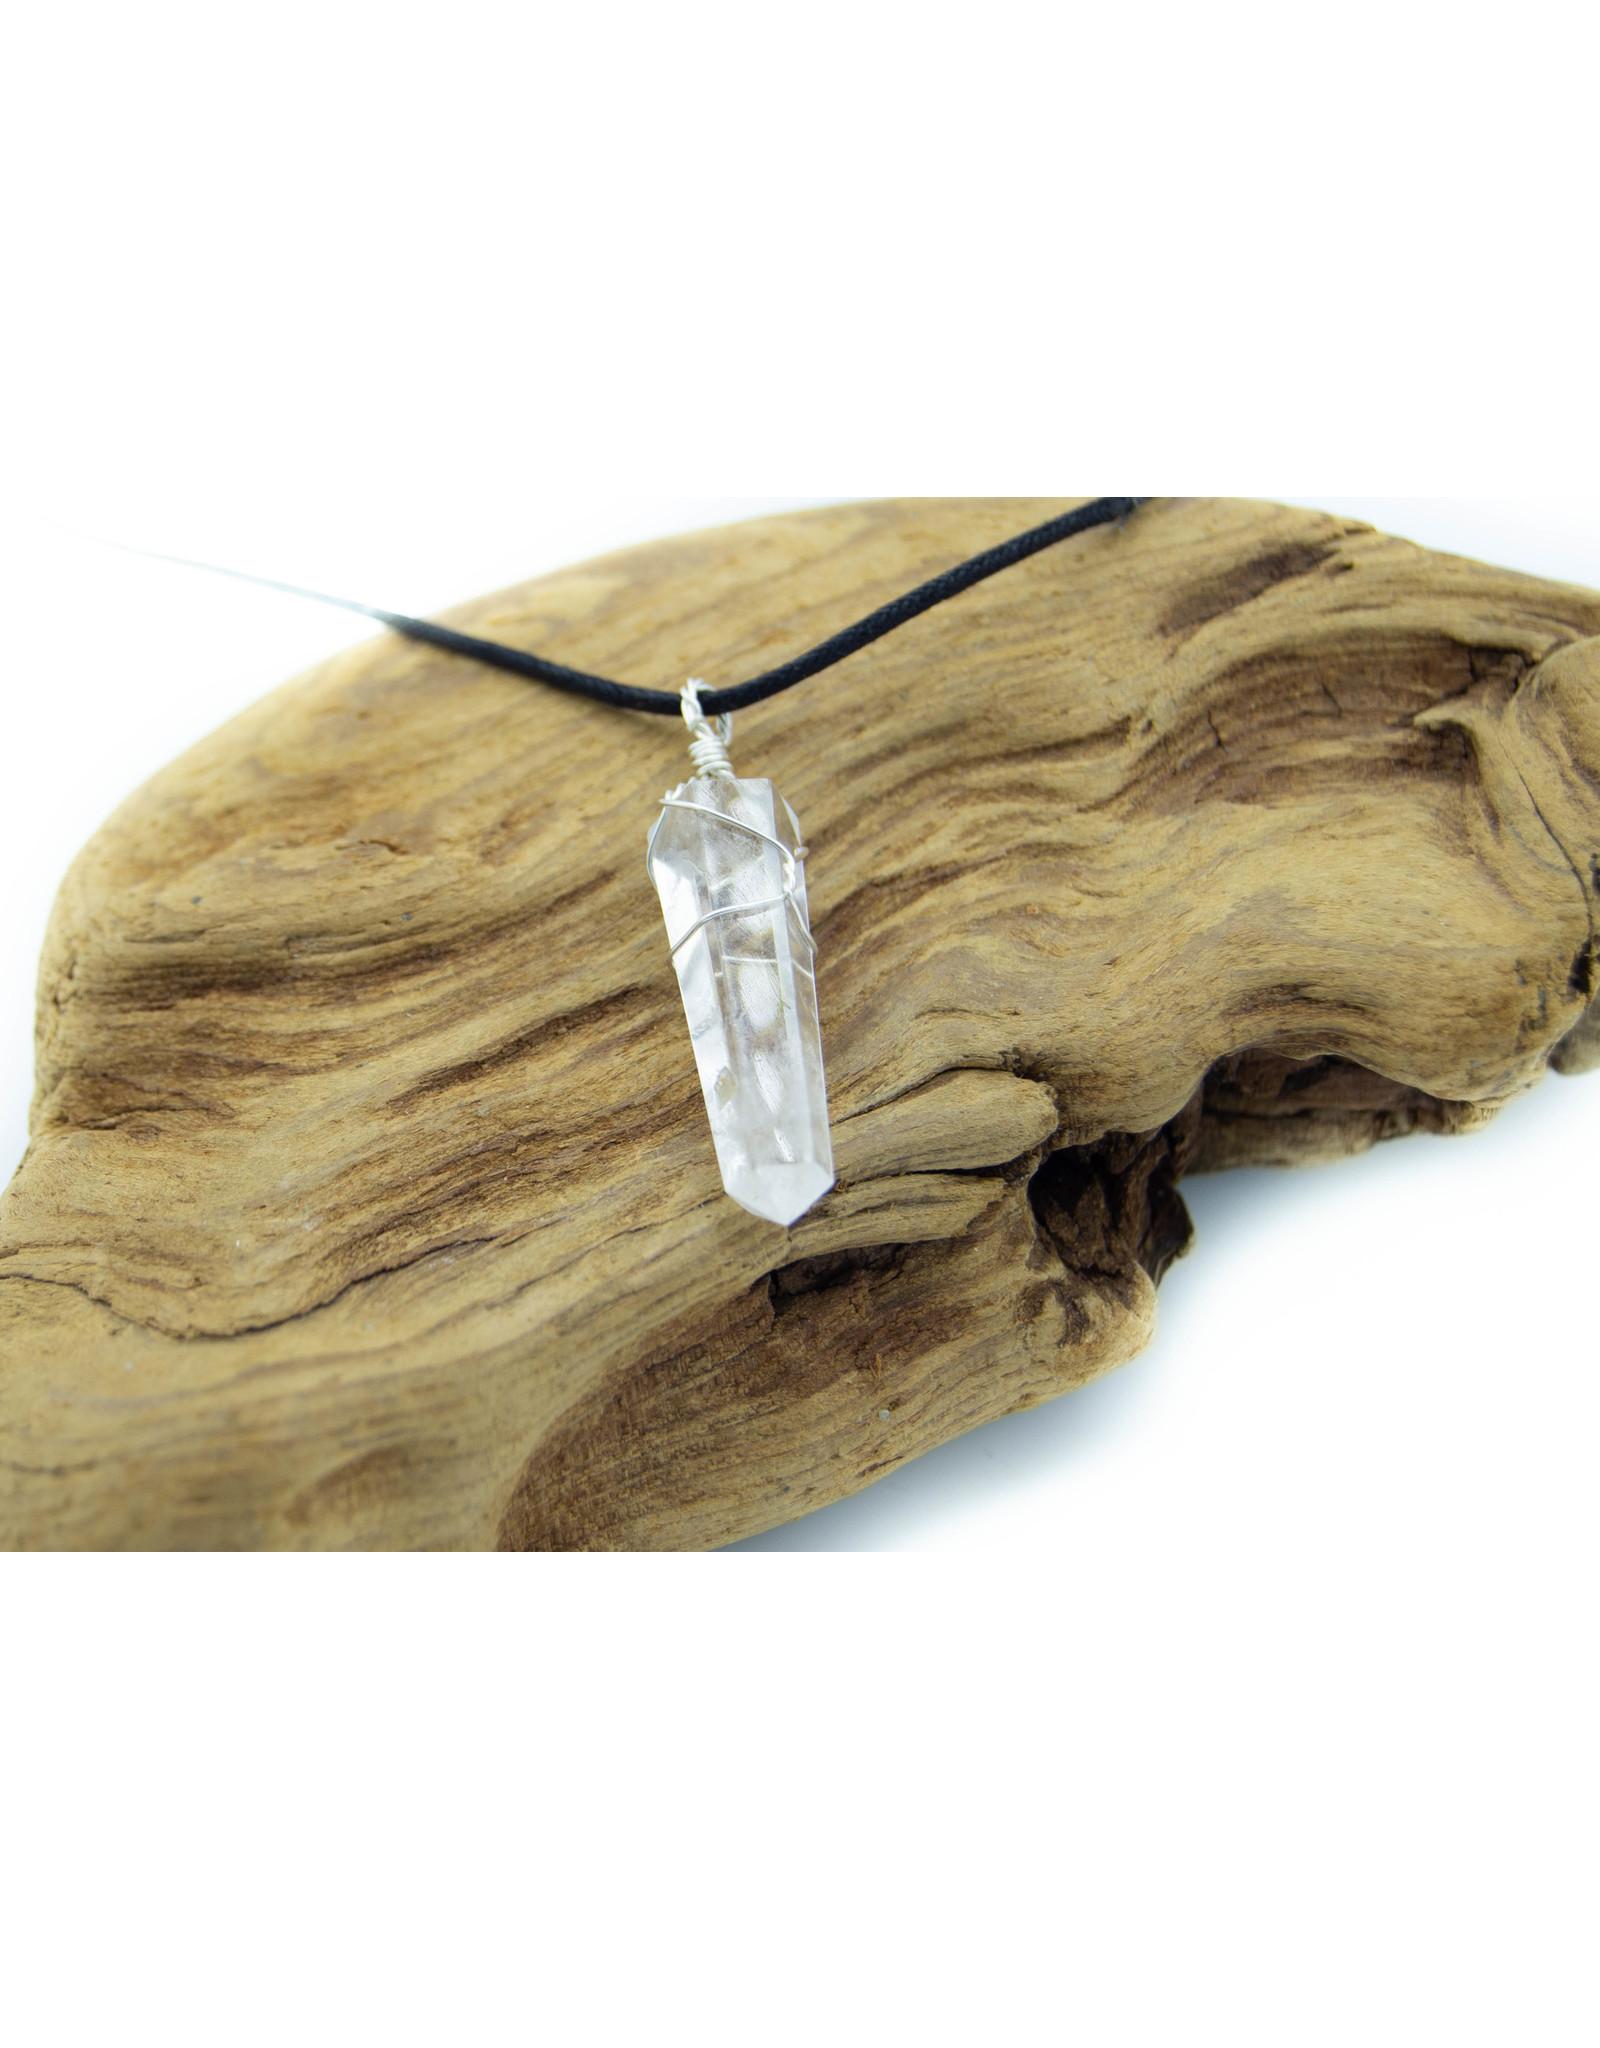 Clear Quartz handmade necklace